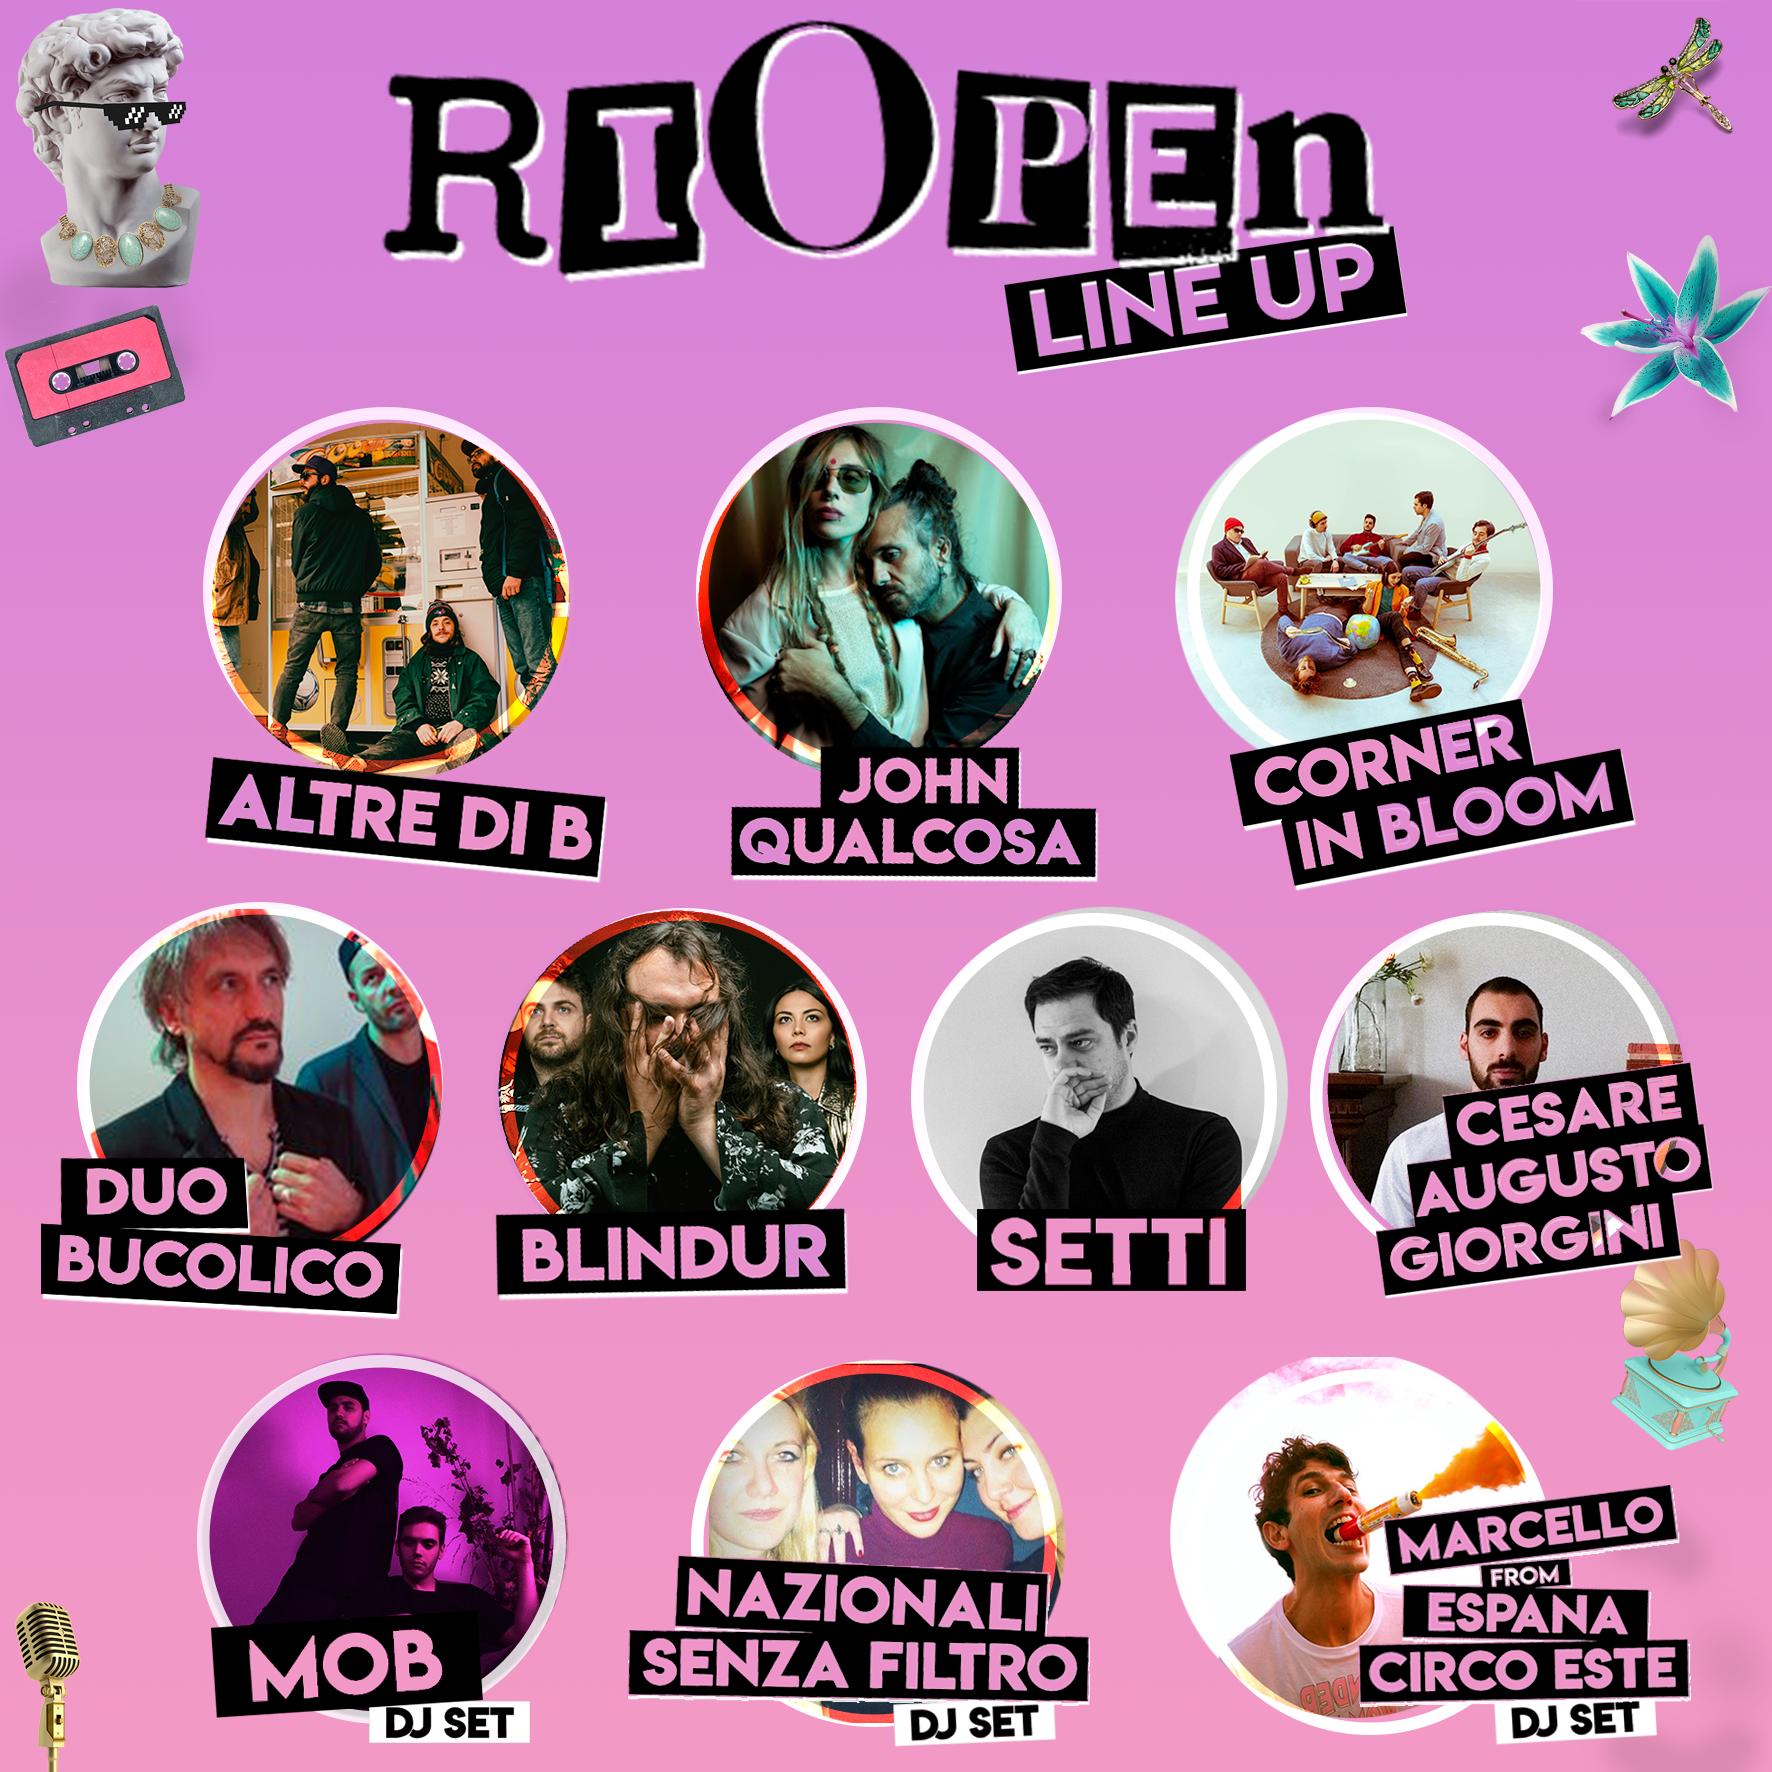 Riopen Godot MoCu Modena Cultura Reggio Emilia Carpi